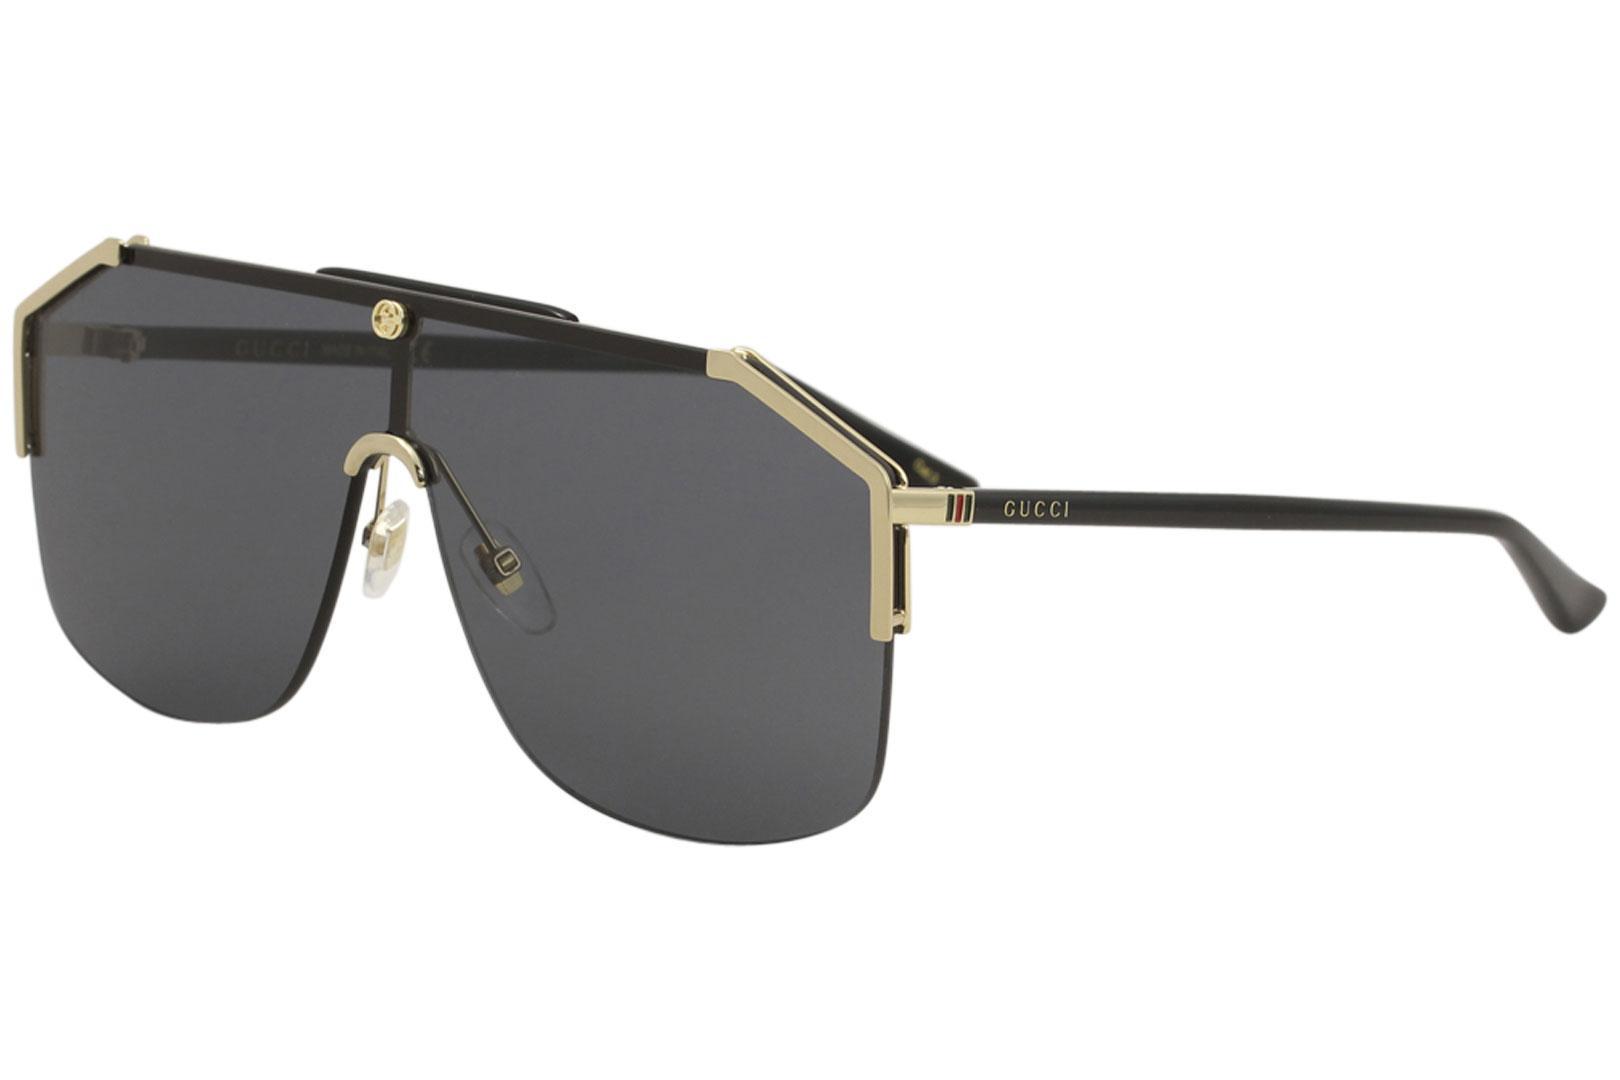 Gucci GG0291S 001 Gold/Black Fashion Shield Sunglasses